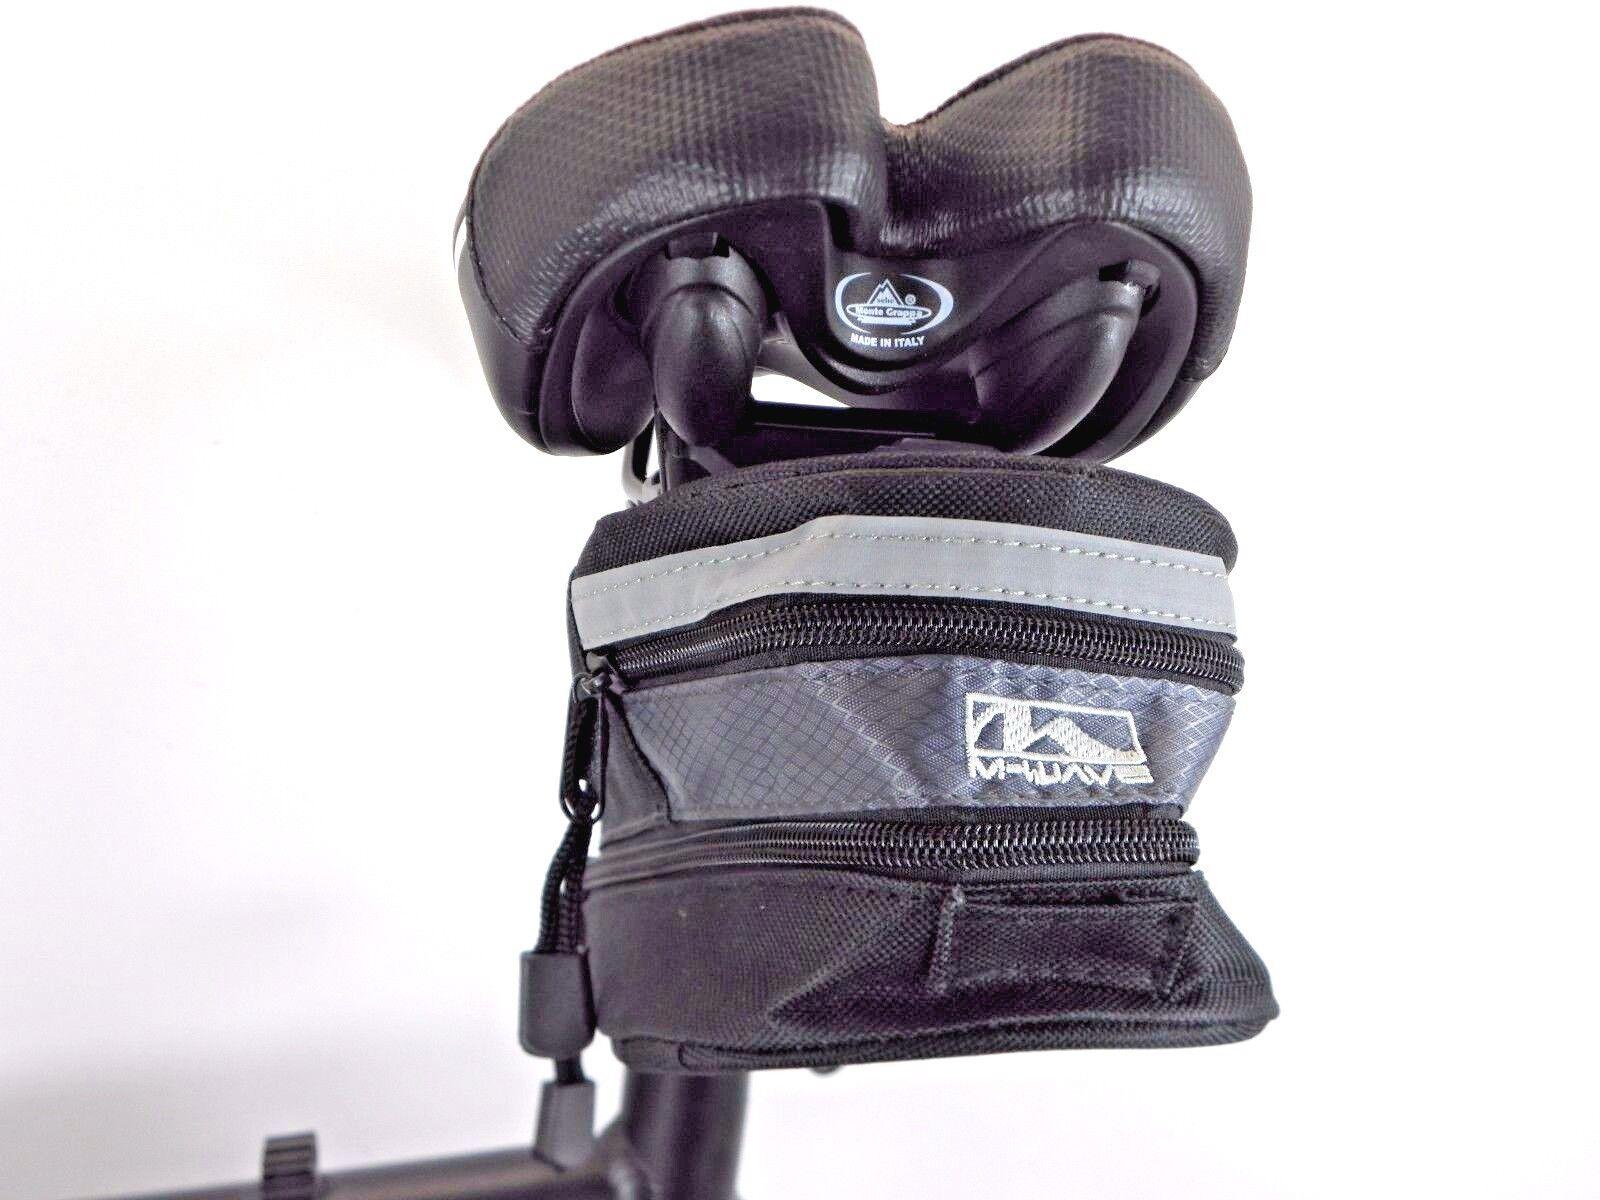 Bolsa sillín herramienta bolso para los desplazamientos m-wave con soporte ampliable 13920